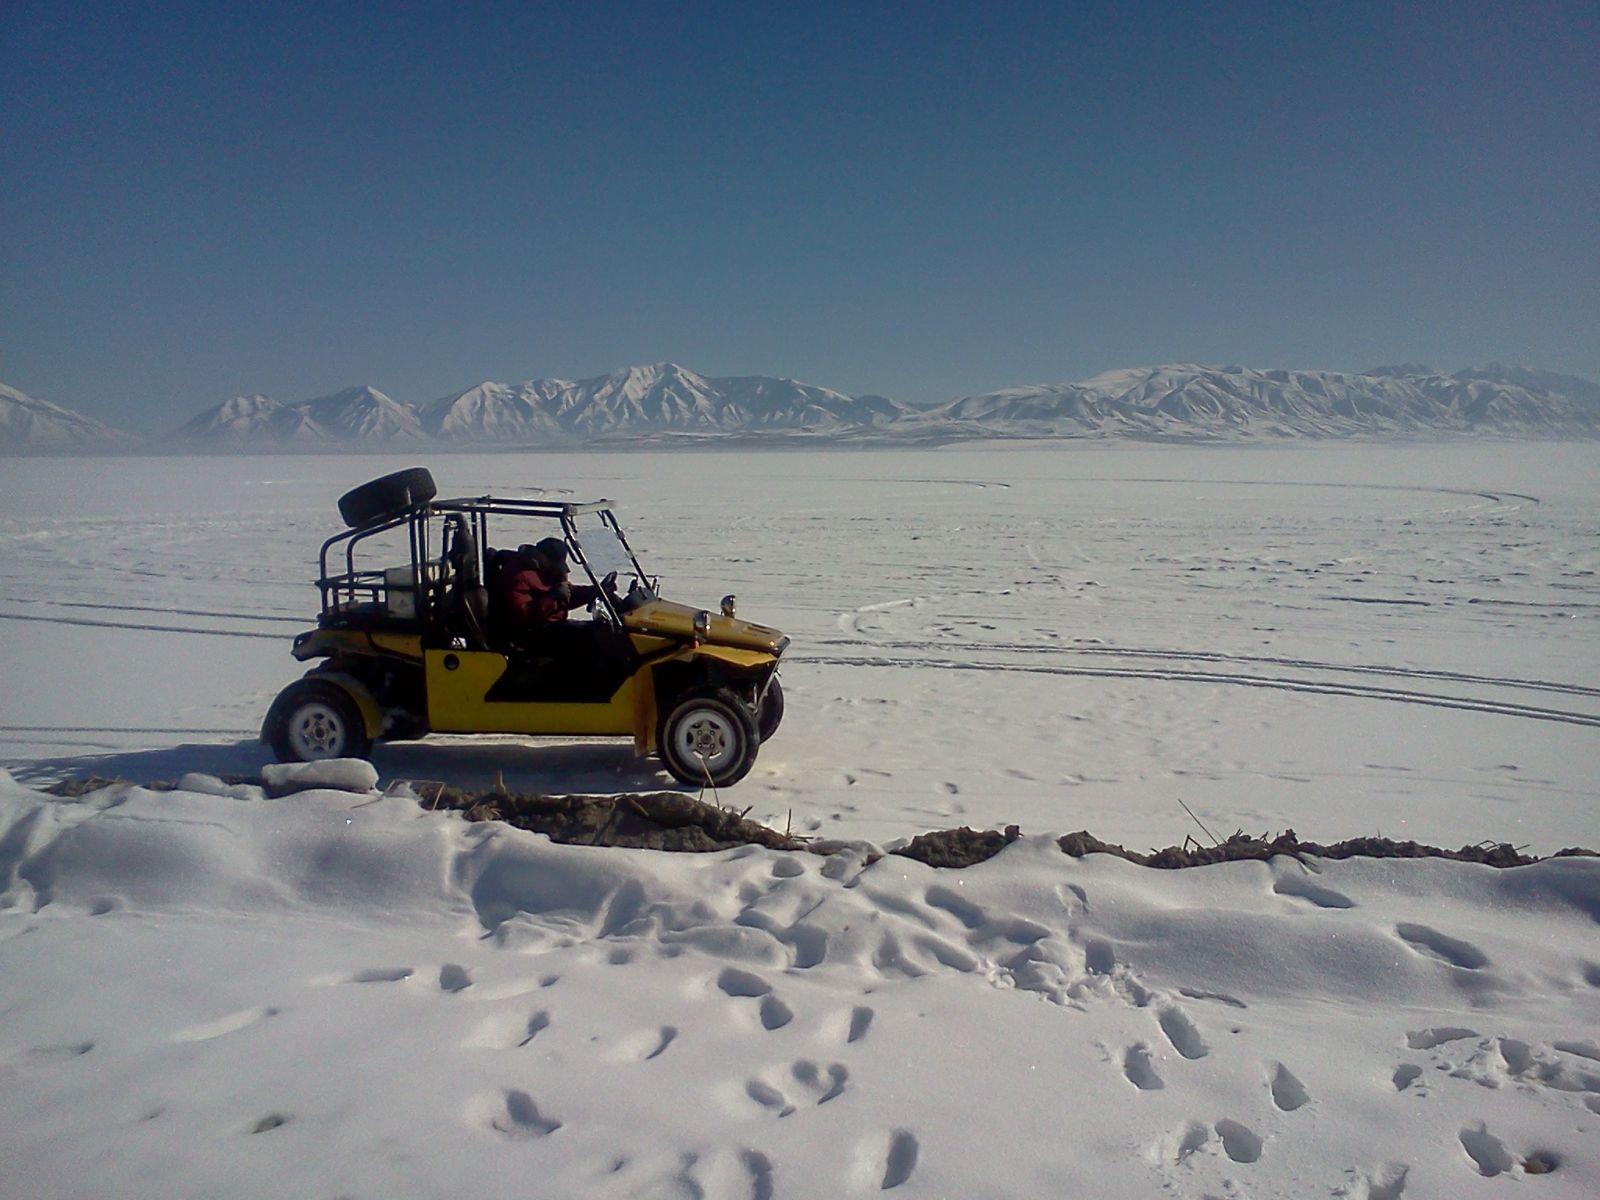 On Utah Lake